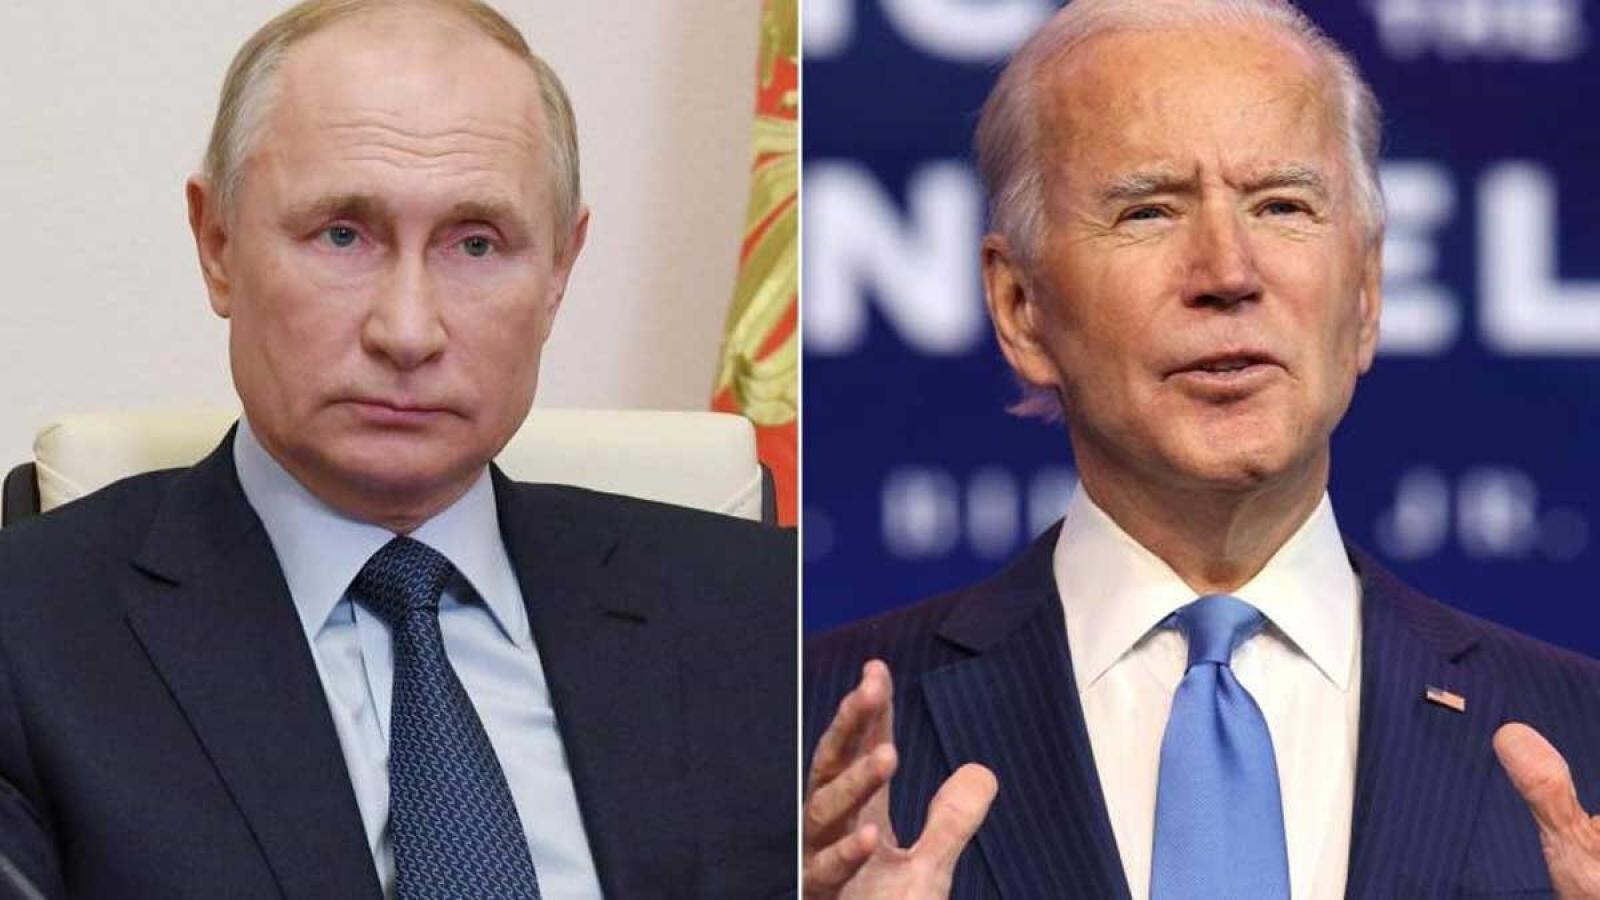 Nan giải vấn đề kiểm soát vũ khí hậu Thượng đỉnh Nga – Mỹ